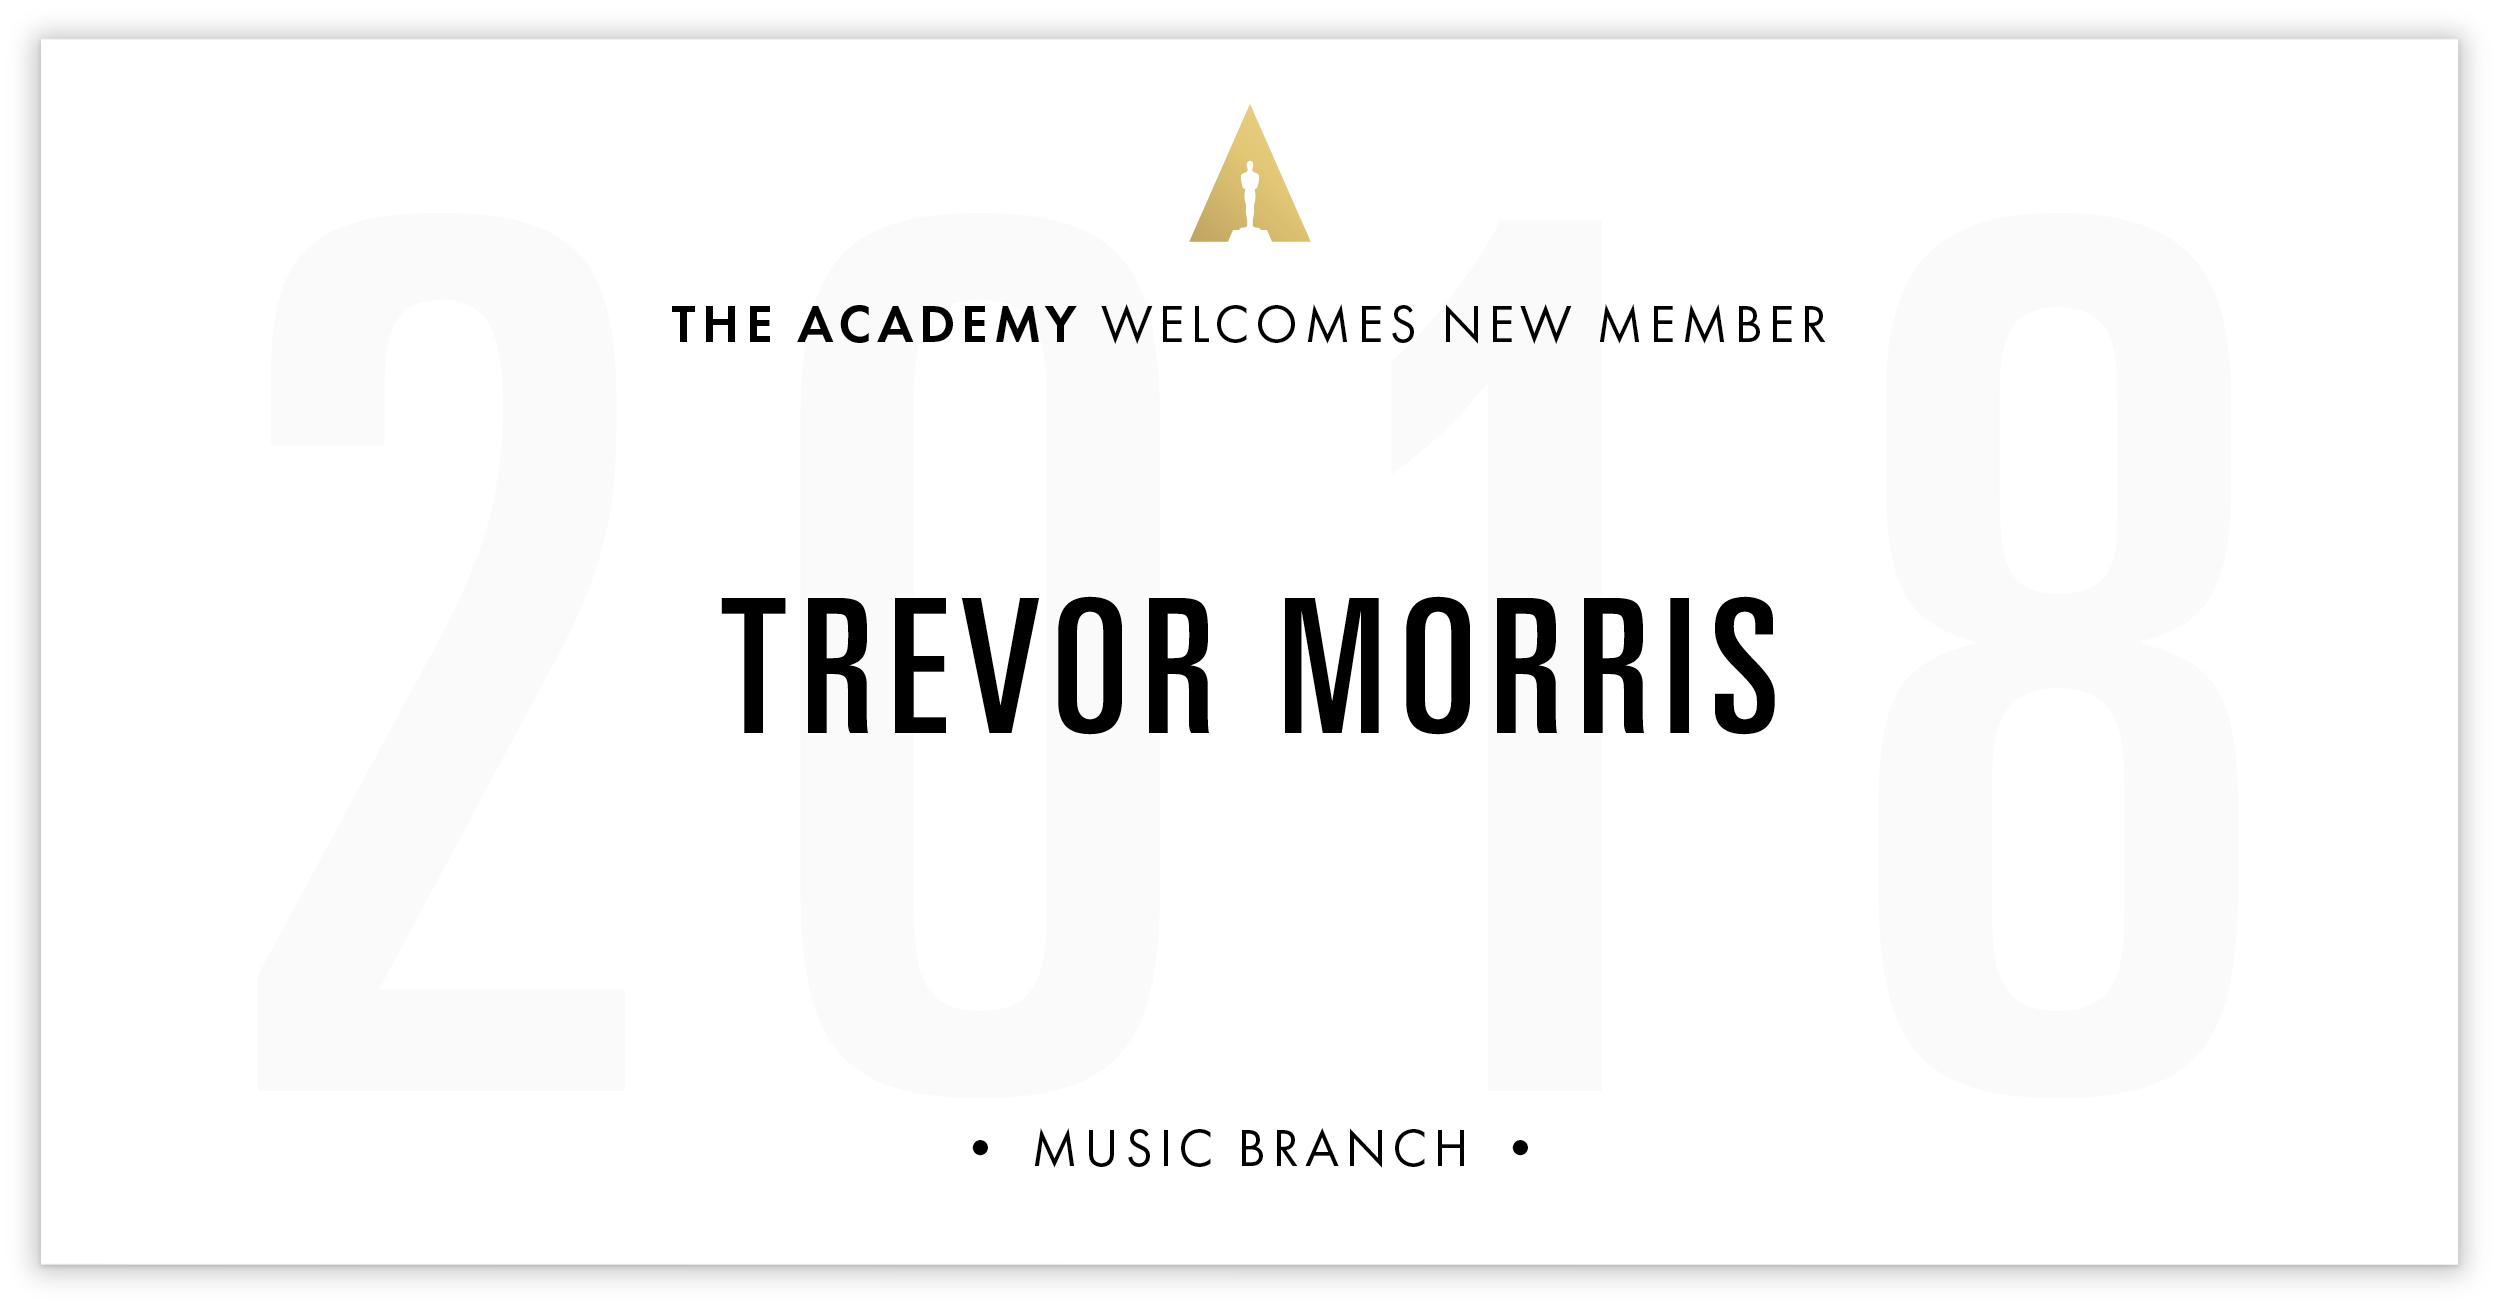 Trevor Morris is invited!